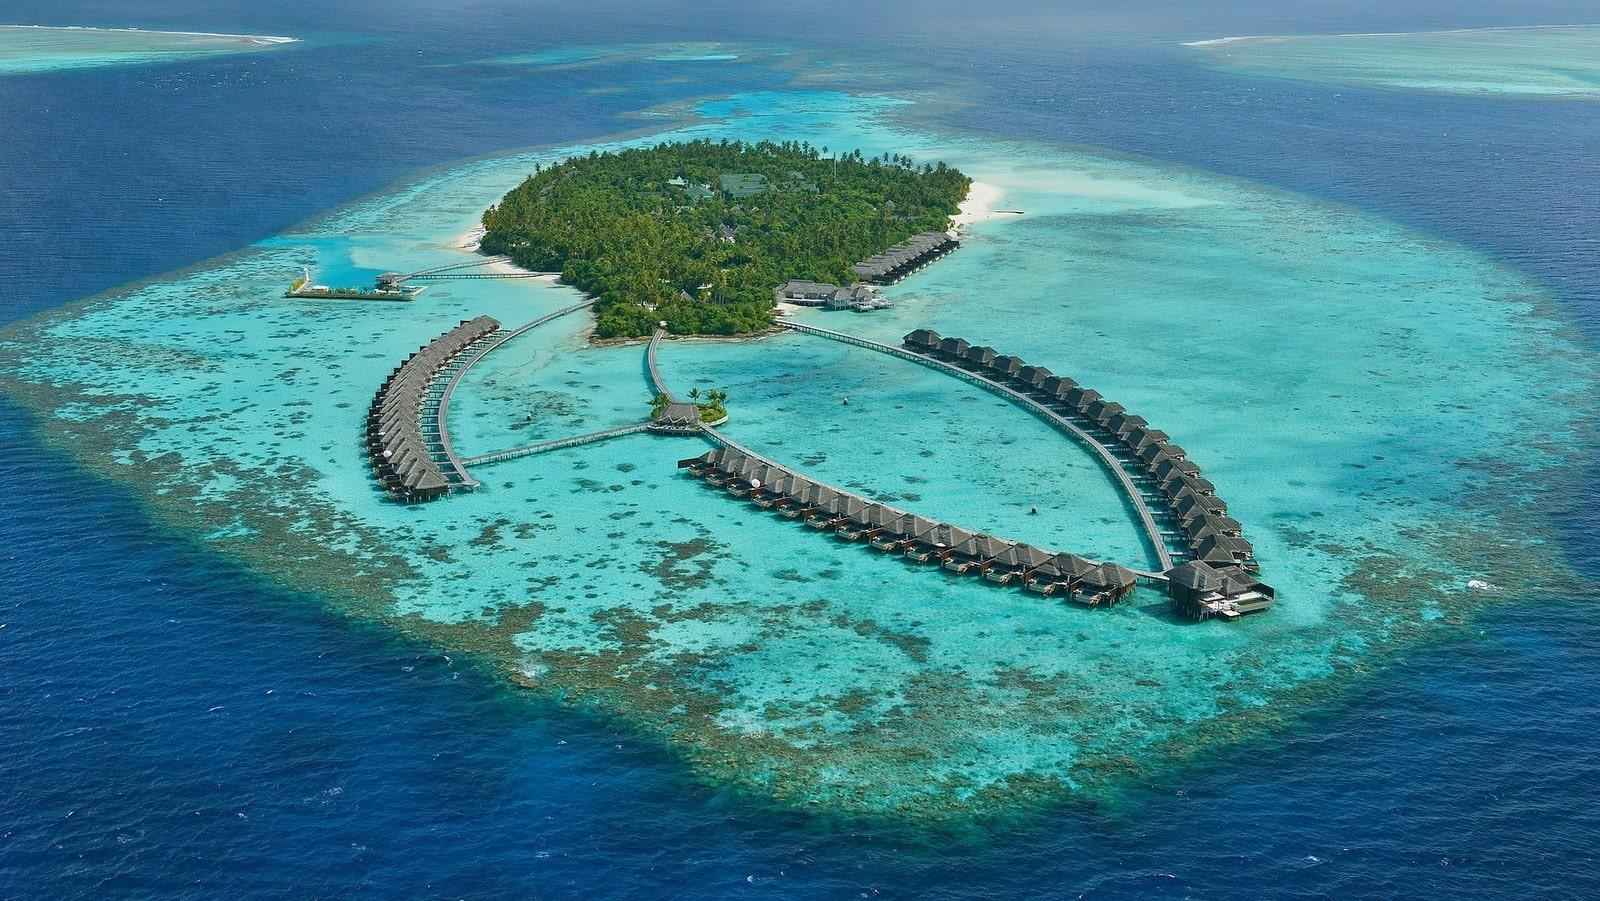 Мальдивы, отель Ayada Maldives, остров